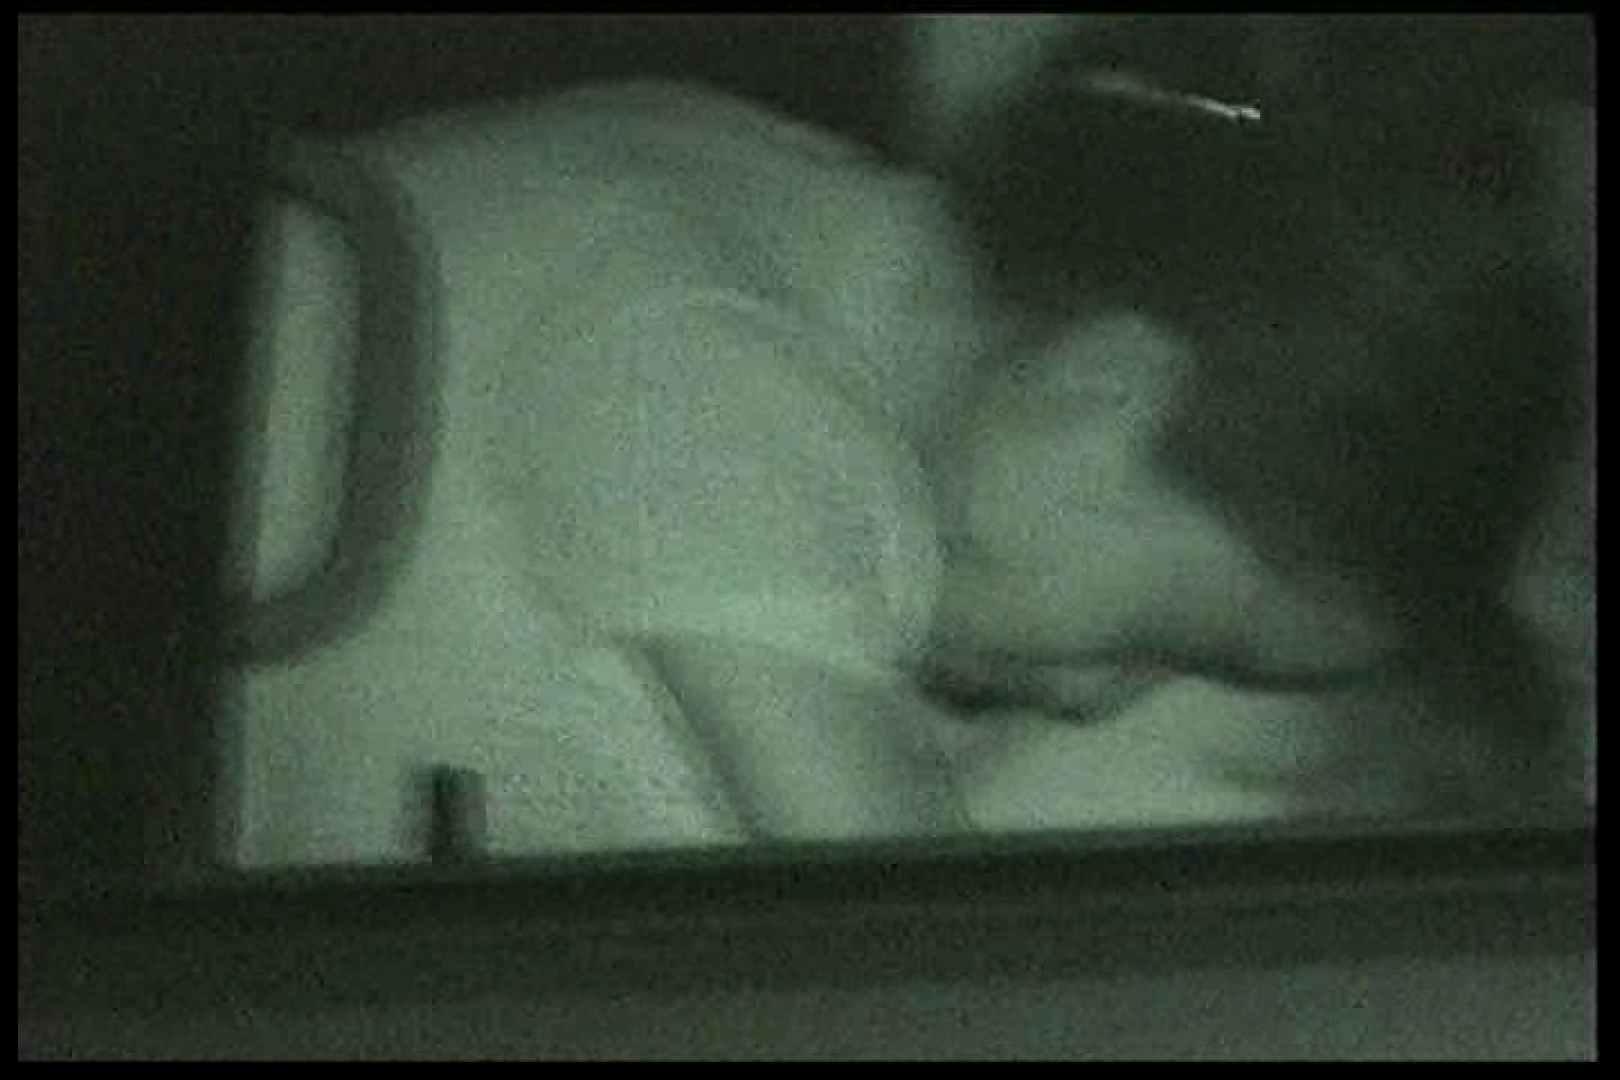 車の中はラブホテル 無修正版  Vol.14 OLセックス 盗撮オメコ無修正動画無料 100画像 44